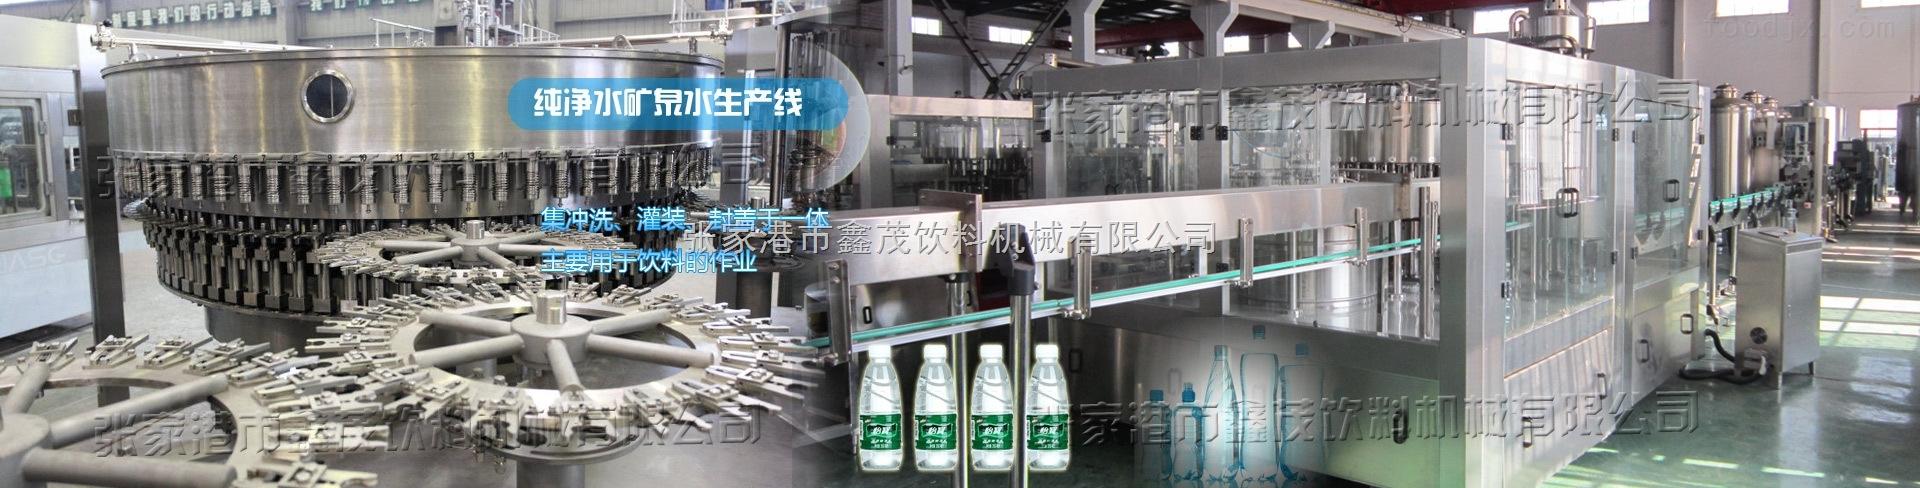 纯净水灌装机公司